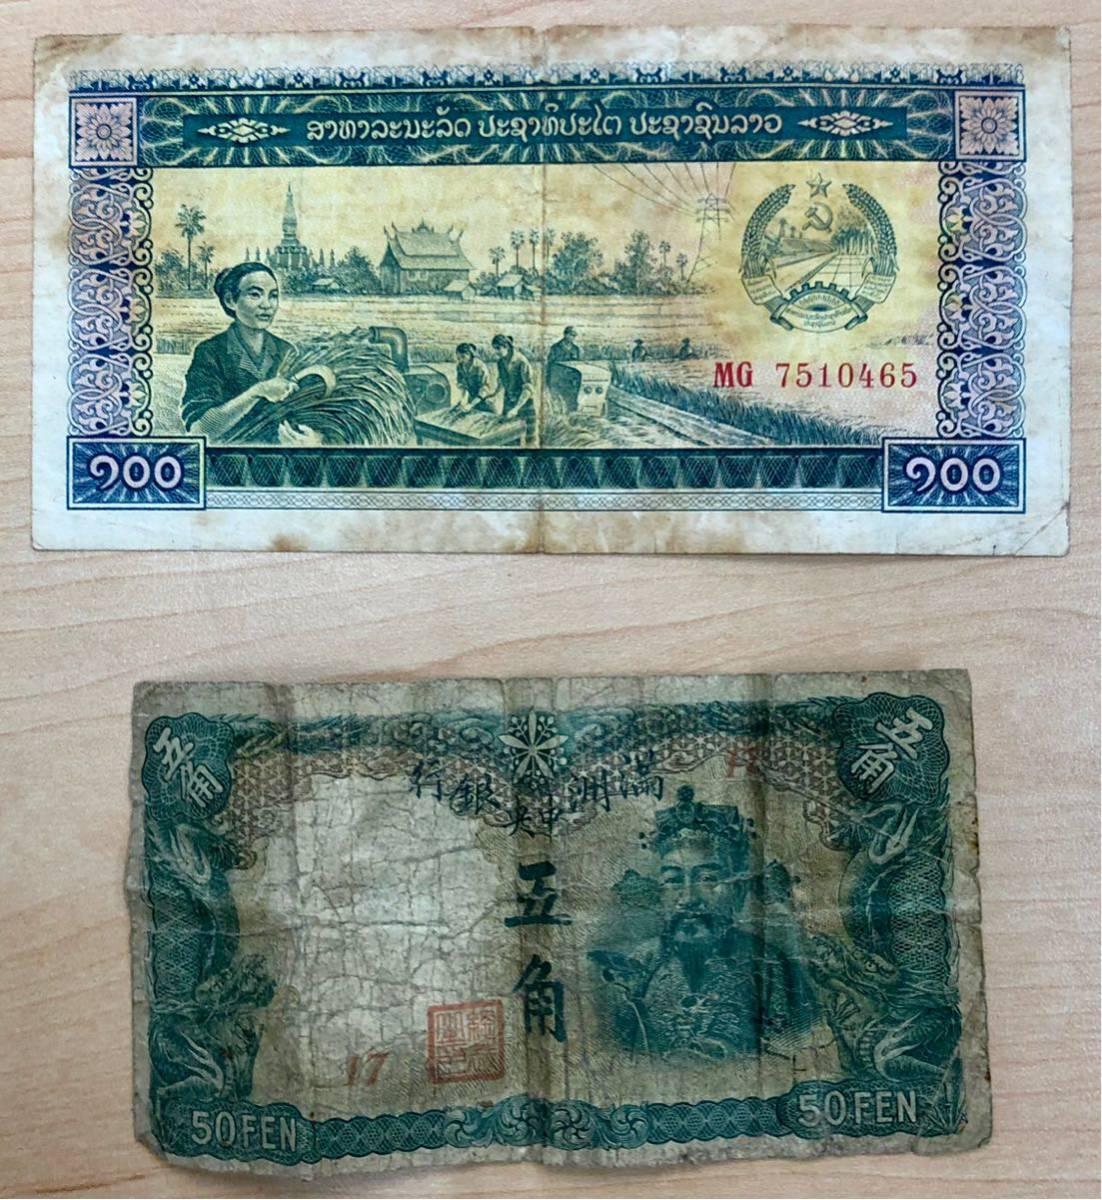 外国紙幣 カナダ・ユーロ・イギリス・フランス・シンガポール など おまとめ22枚_画像9